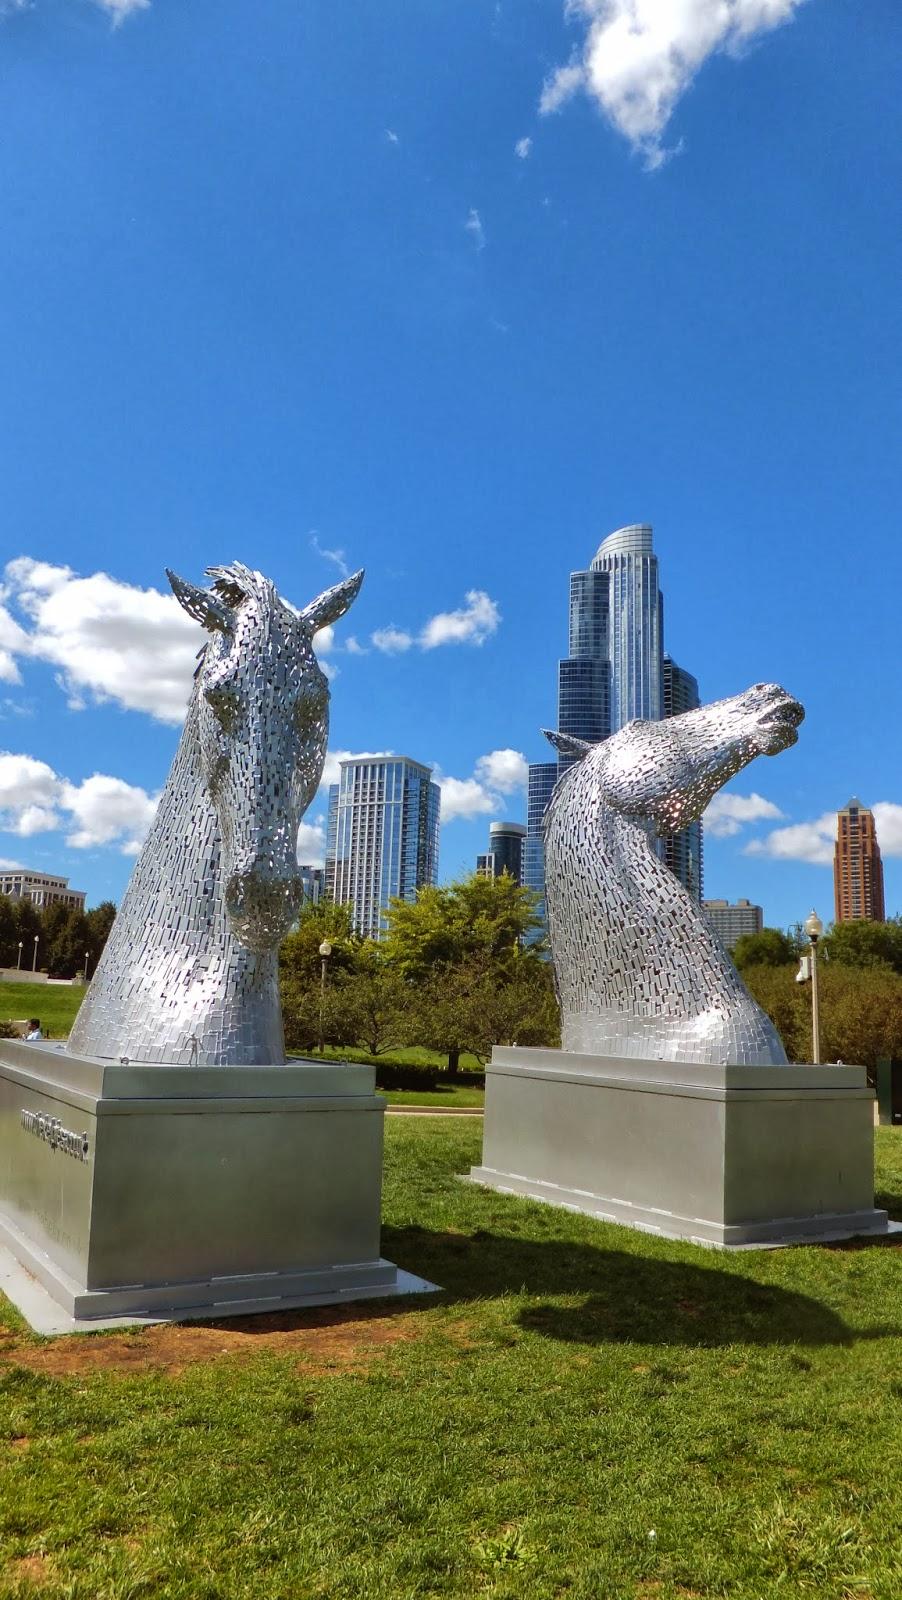 The Kelpies, Andy Scott, Grant Park, Chicago, Elisa N, Blog de Viajes, Lifestyle, Travel